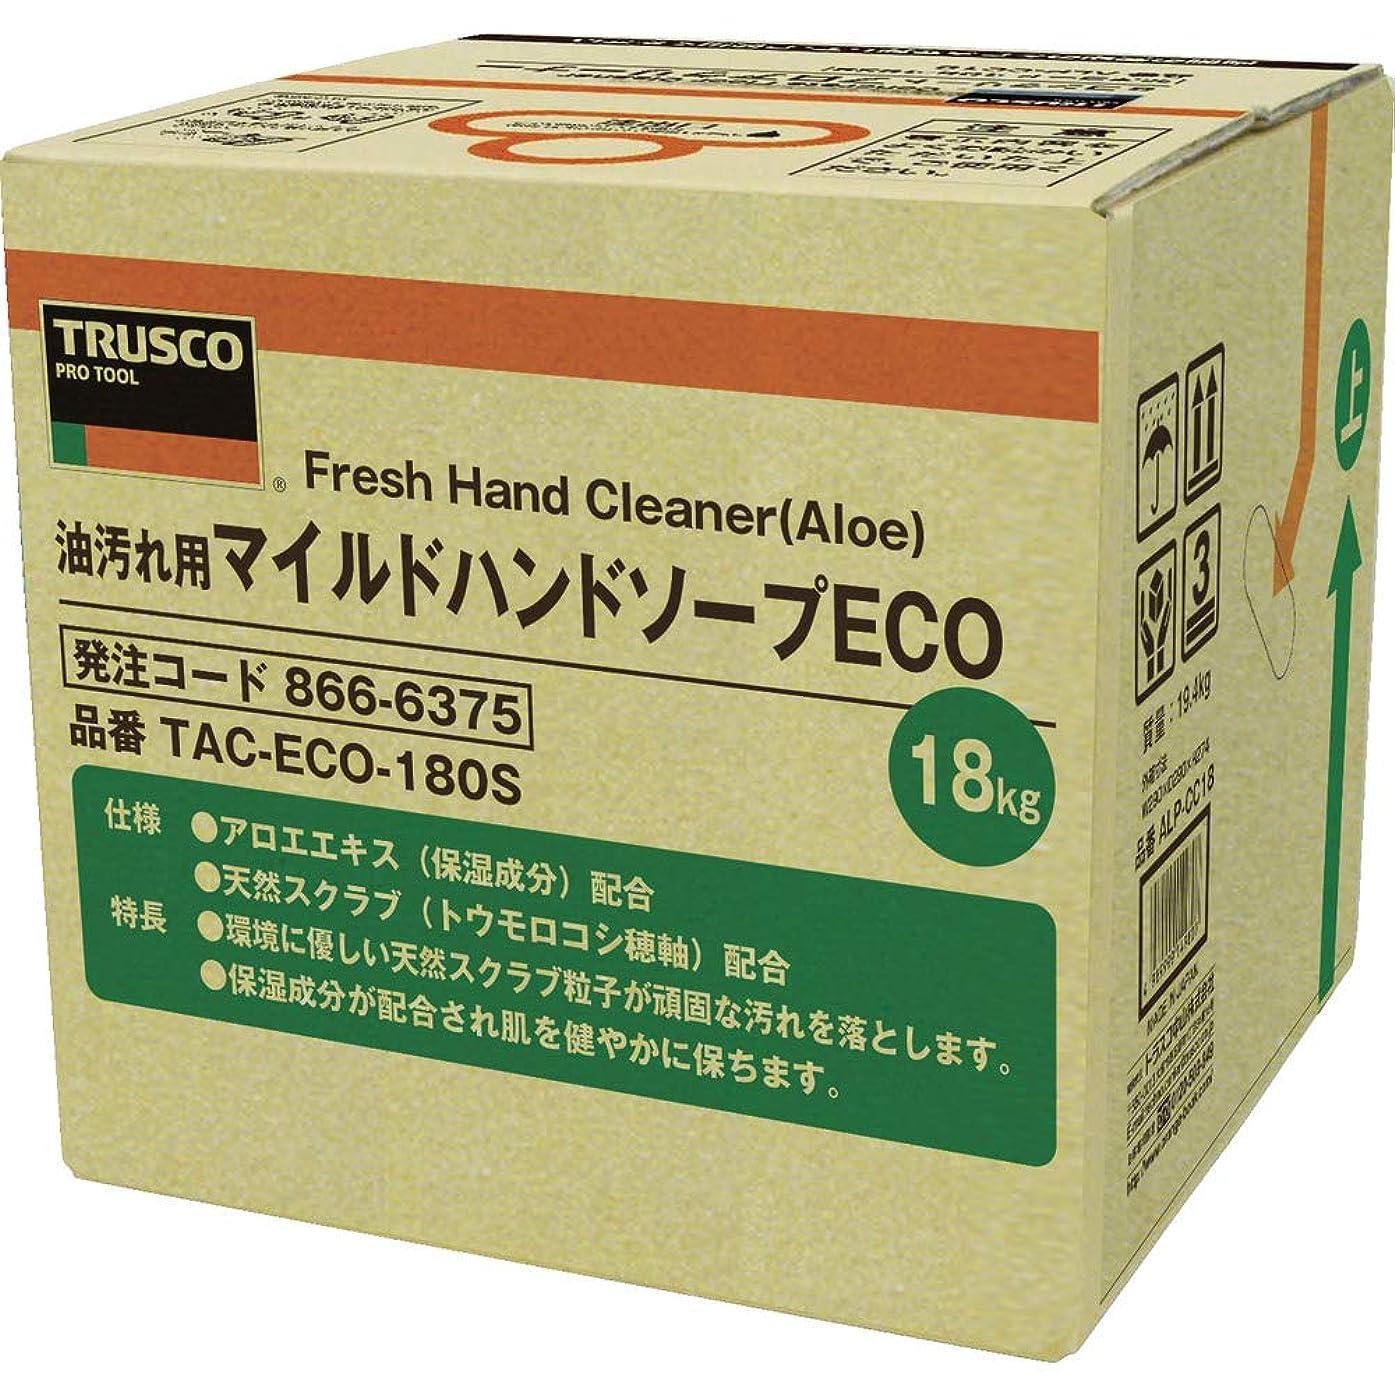 値下げ相関するせっかちTRUSCO(トラスコ) マイルドハンドソープ ECO 18L 詰替 バッグインボックス TACECO180S